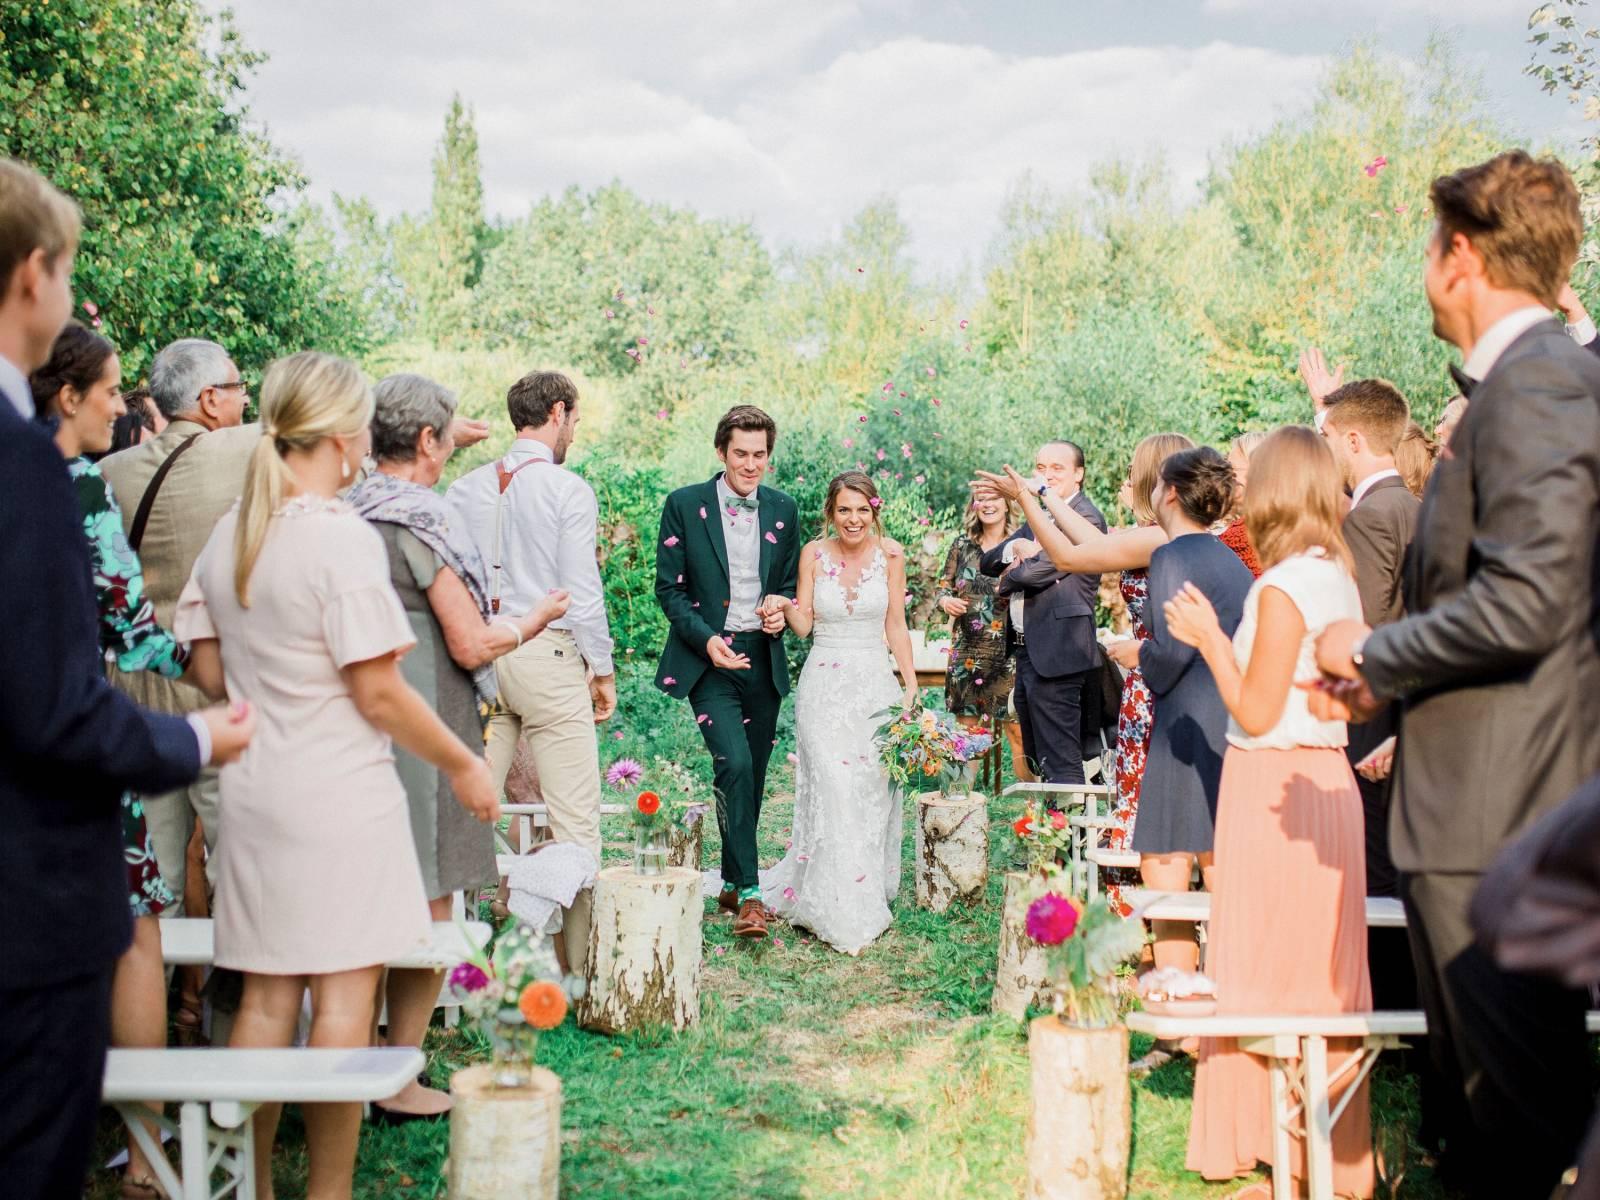 Merveil - Ceremoniespreker - Fine Art Wedding Photographer Elisabeth Van Lent - Antwerpen Bruiloft - House of Weddings - 16